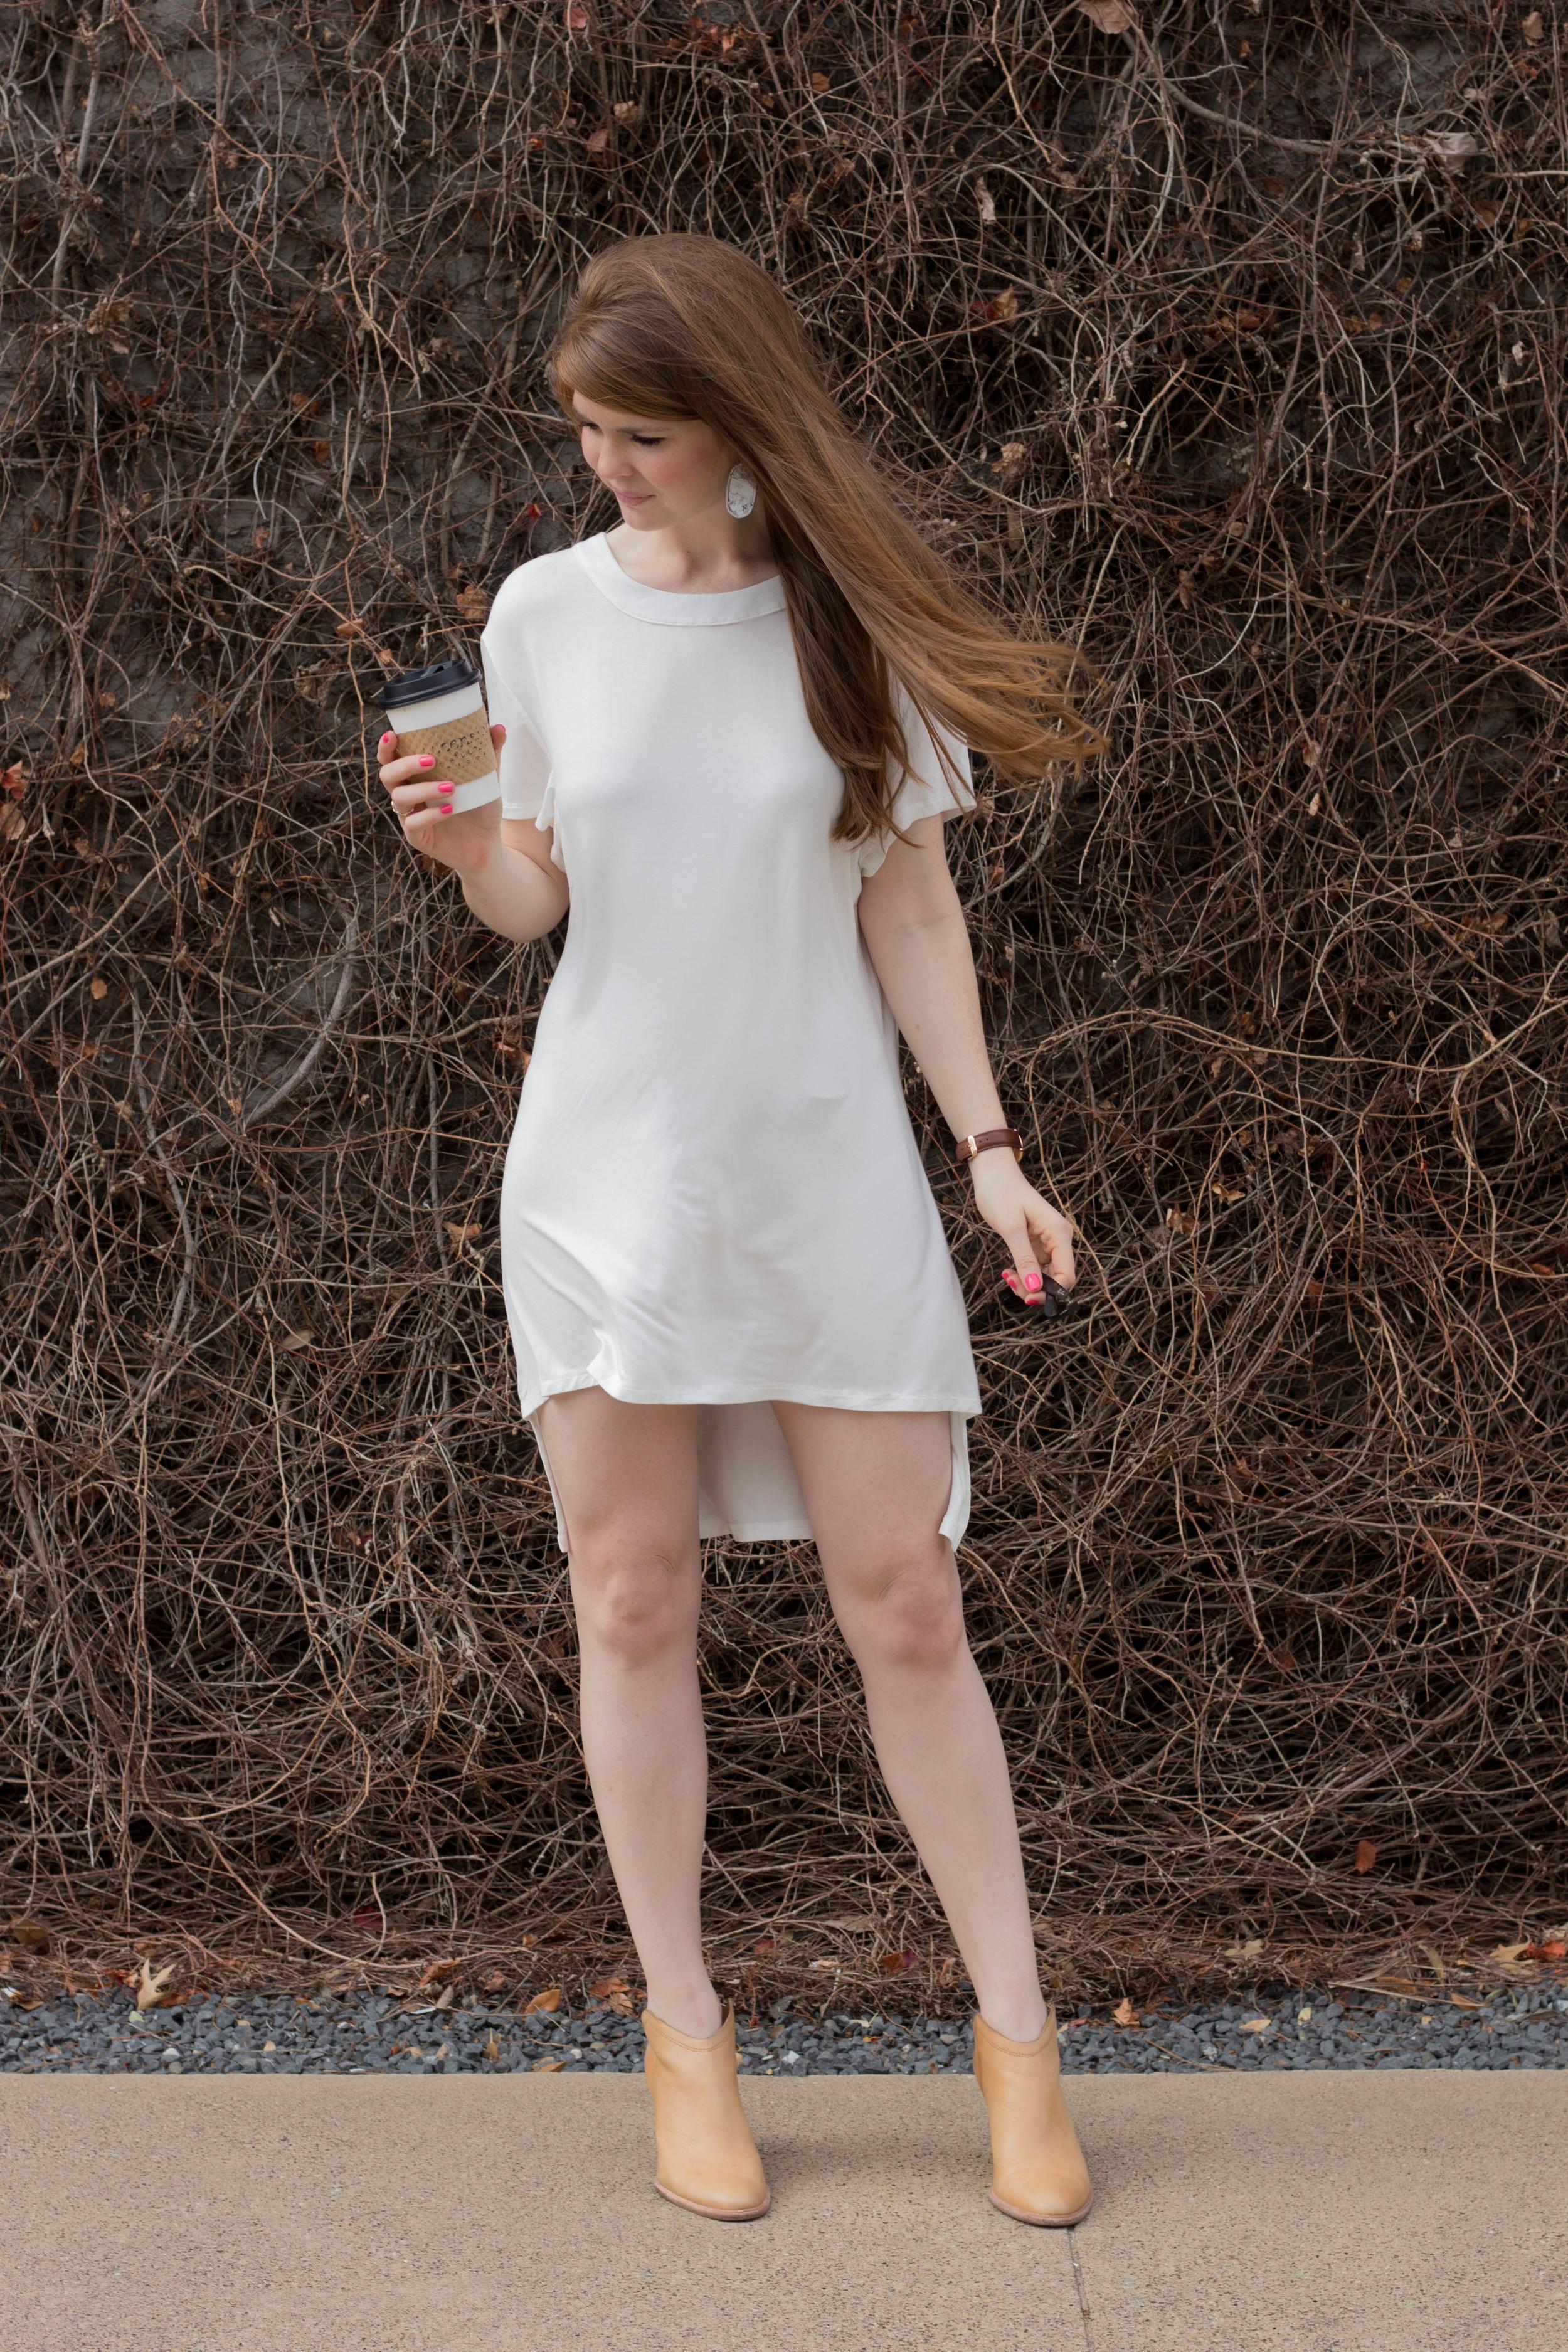 POL white backless dress, shopriffraff, haku booties, kendra scott, all about that bass(ics), basic